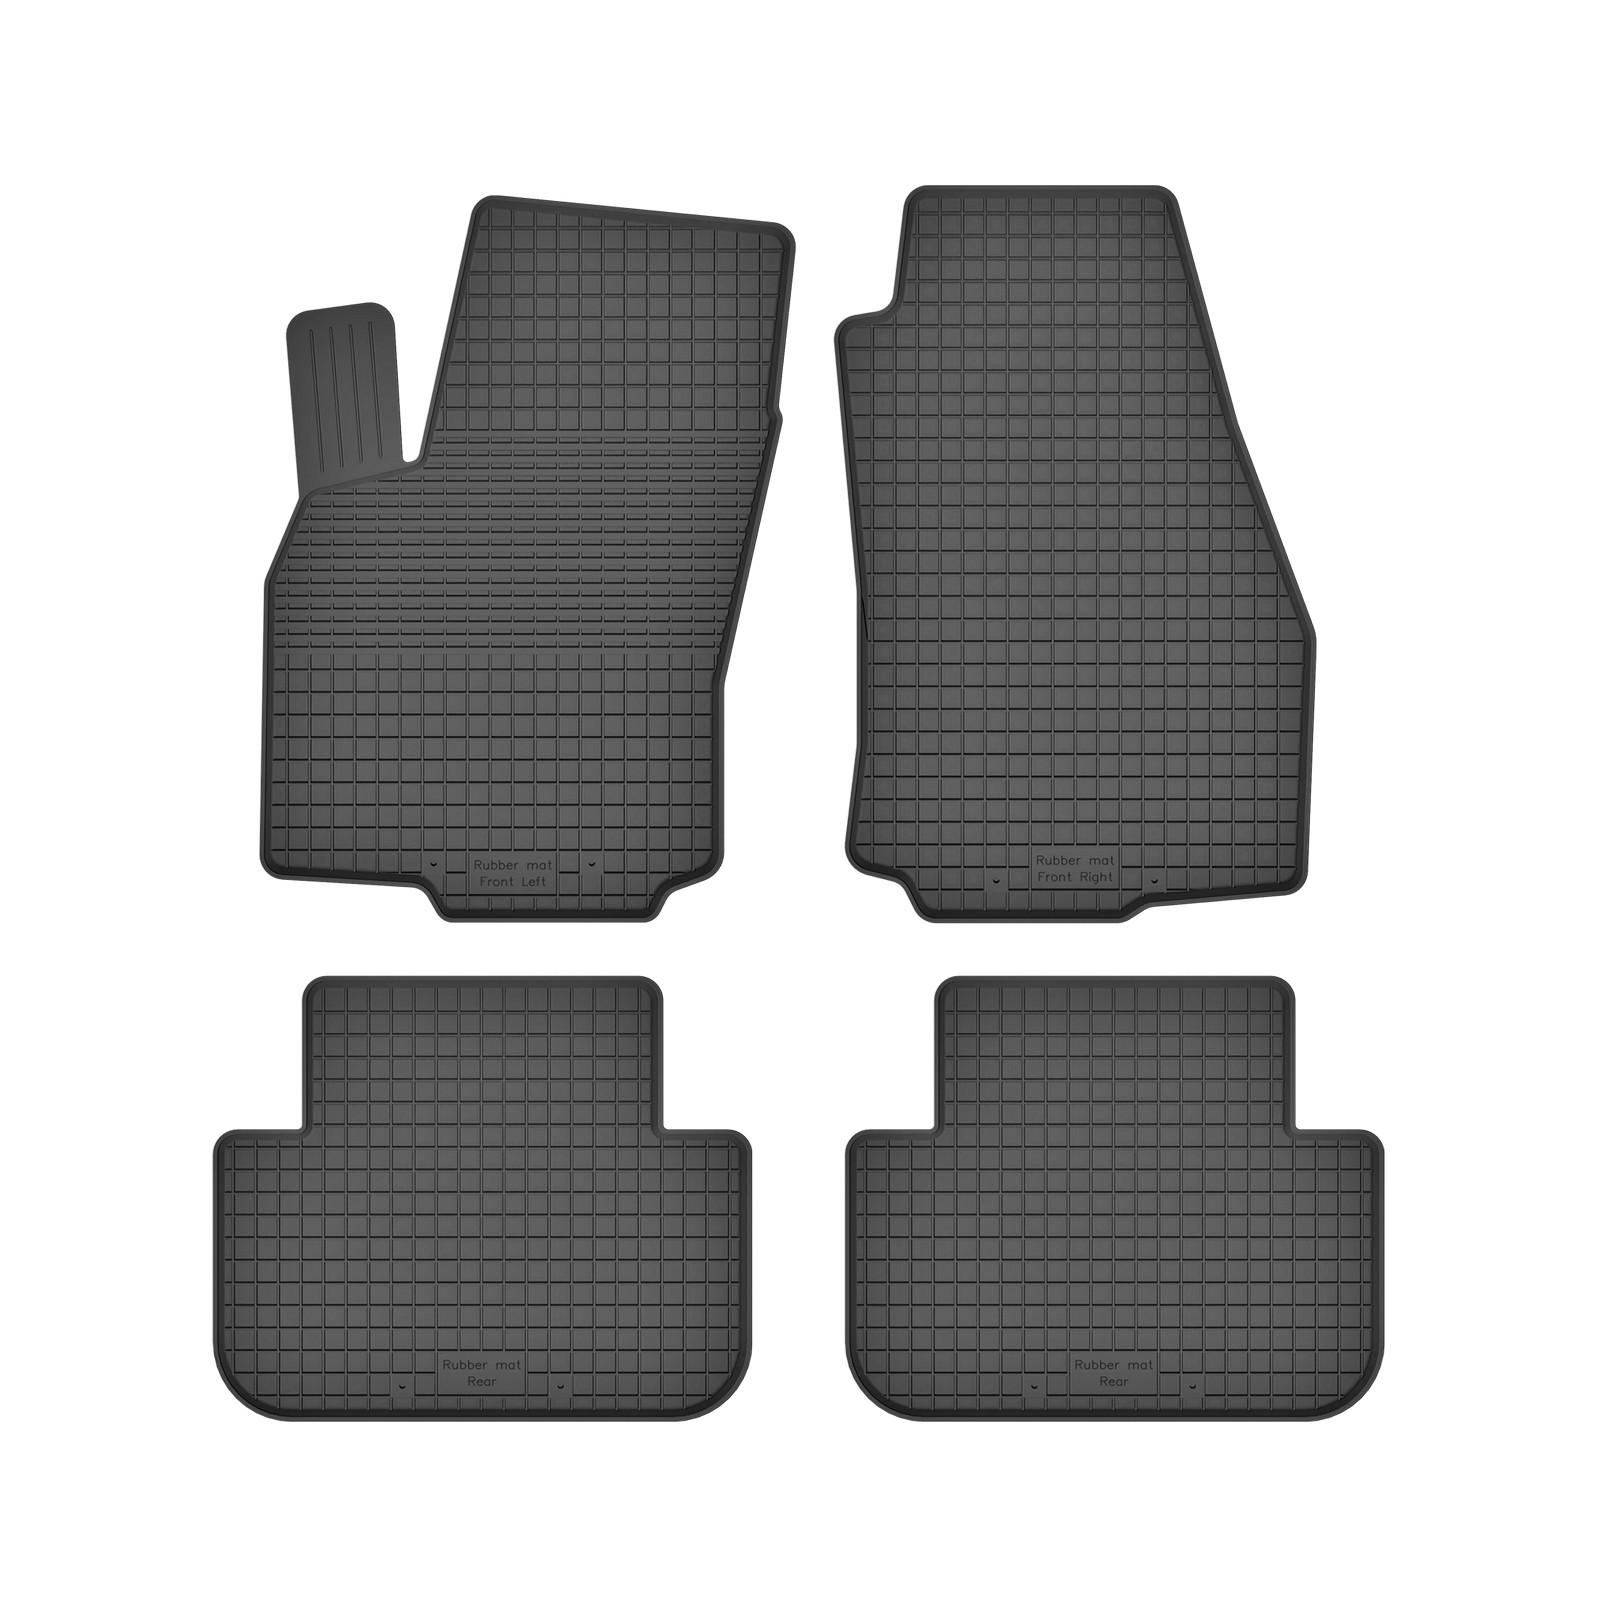 Design-3D-TPE-Gummifußmatten für Opel Zafira Business Innovation C Tourer Van 22